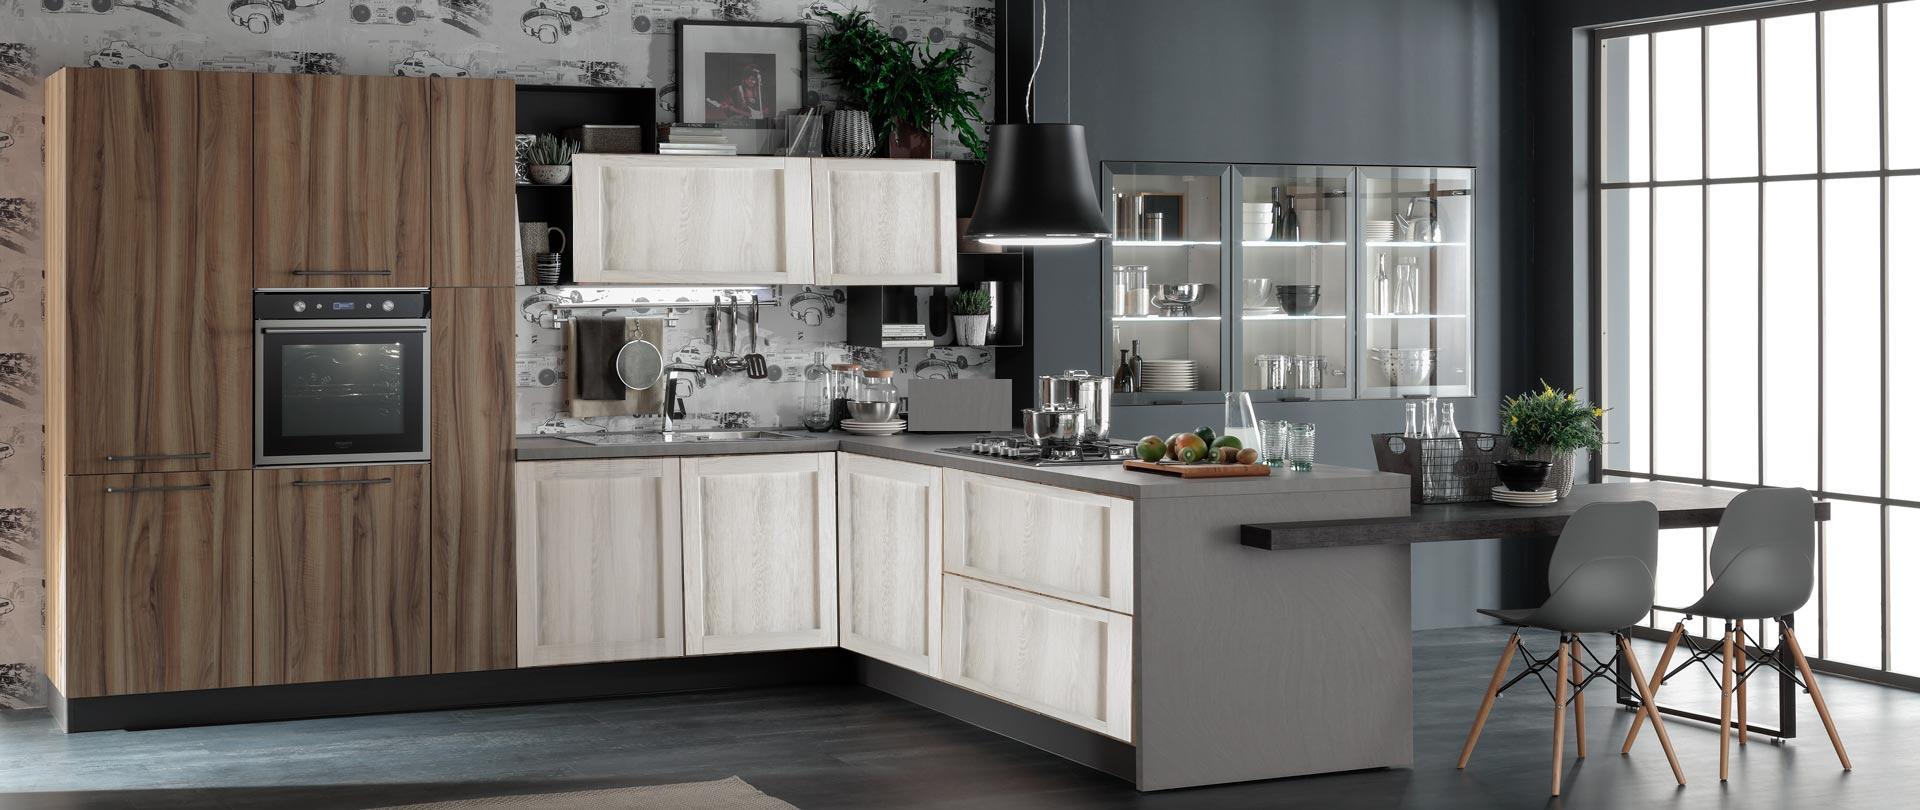 Cucina con penisola living con tavolo integrato in offerta - Cucina penisola tavolo ...